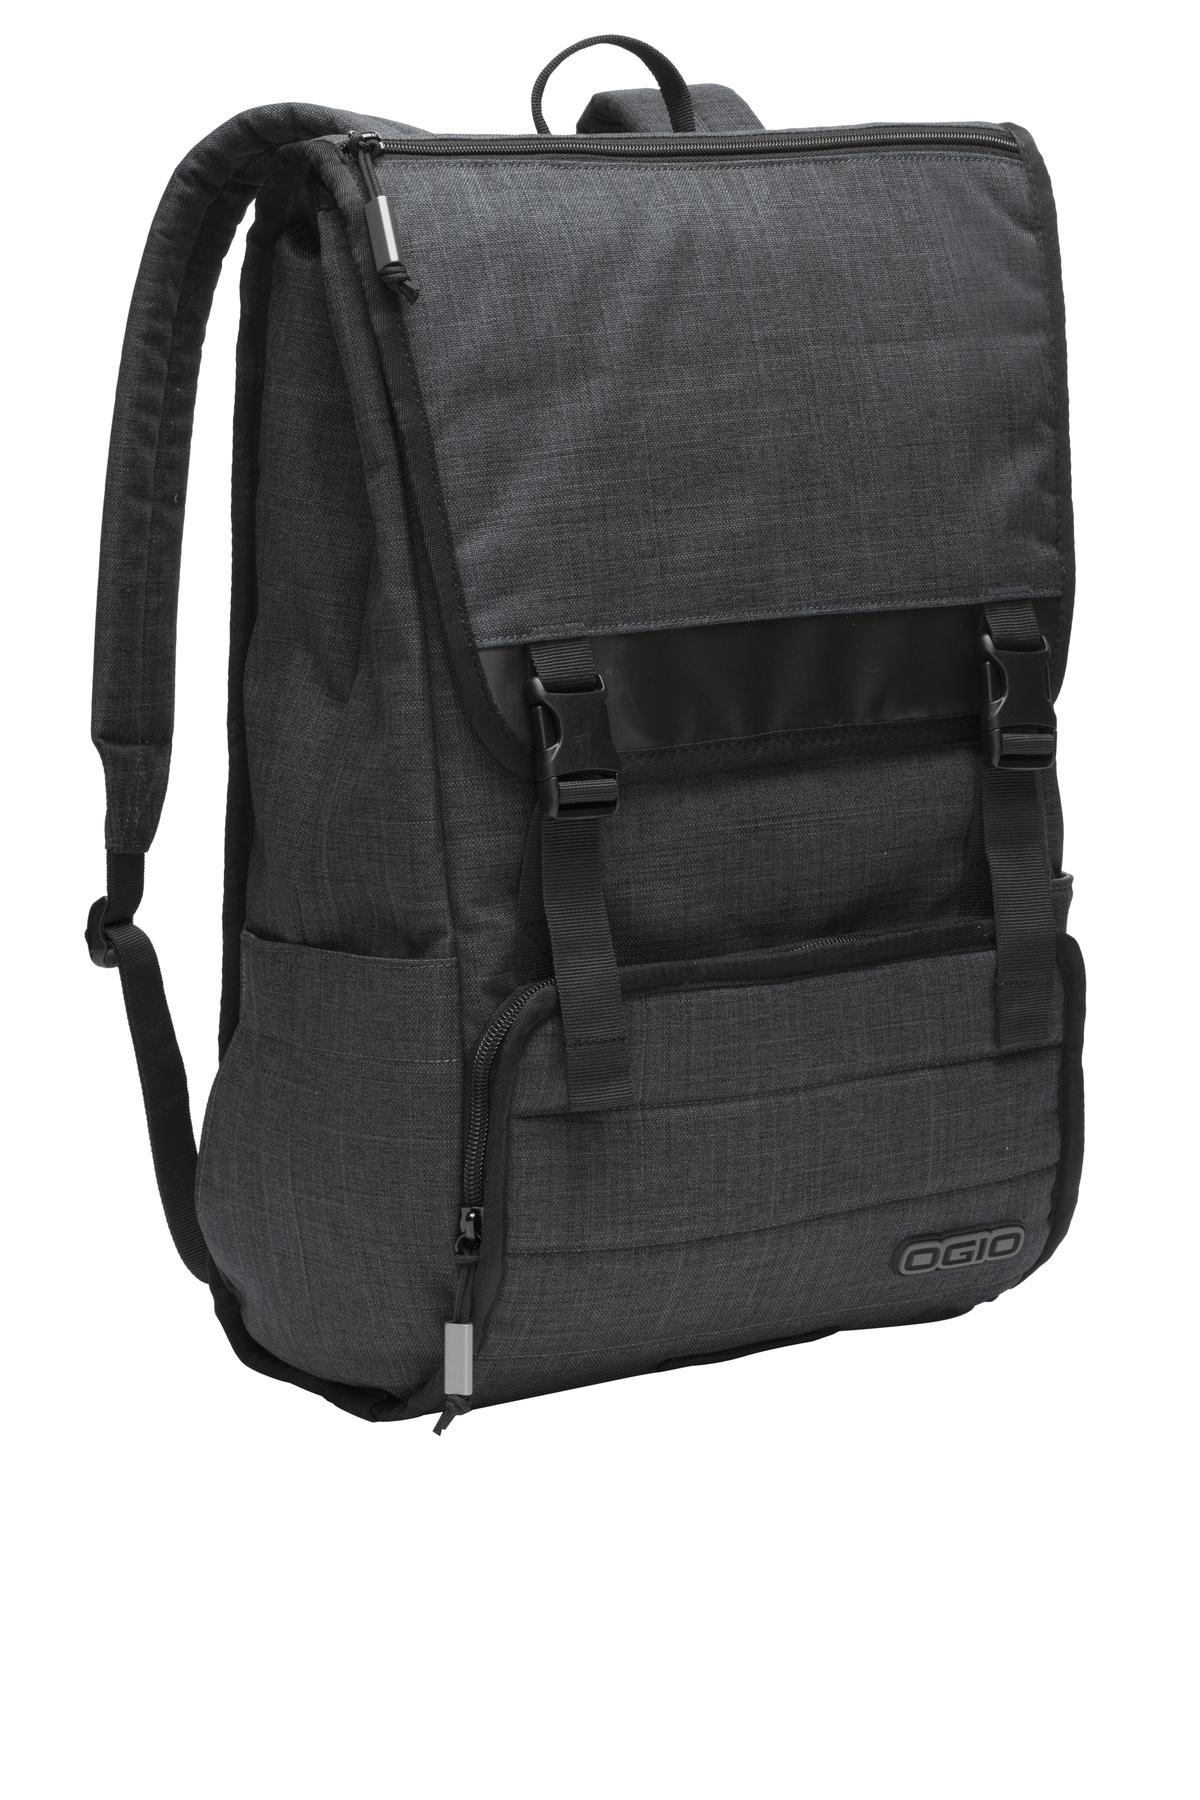 OGIO  411090 - Apex Rucksack